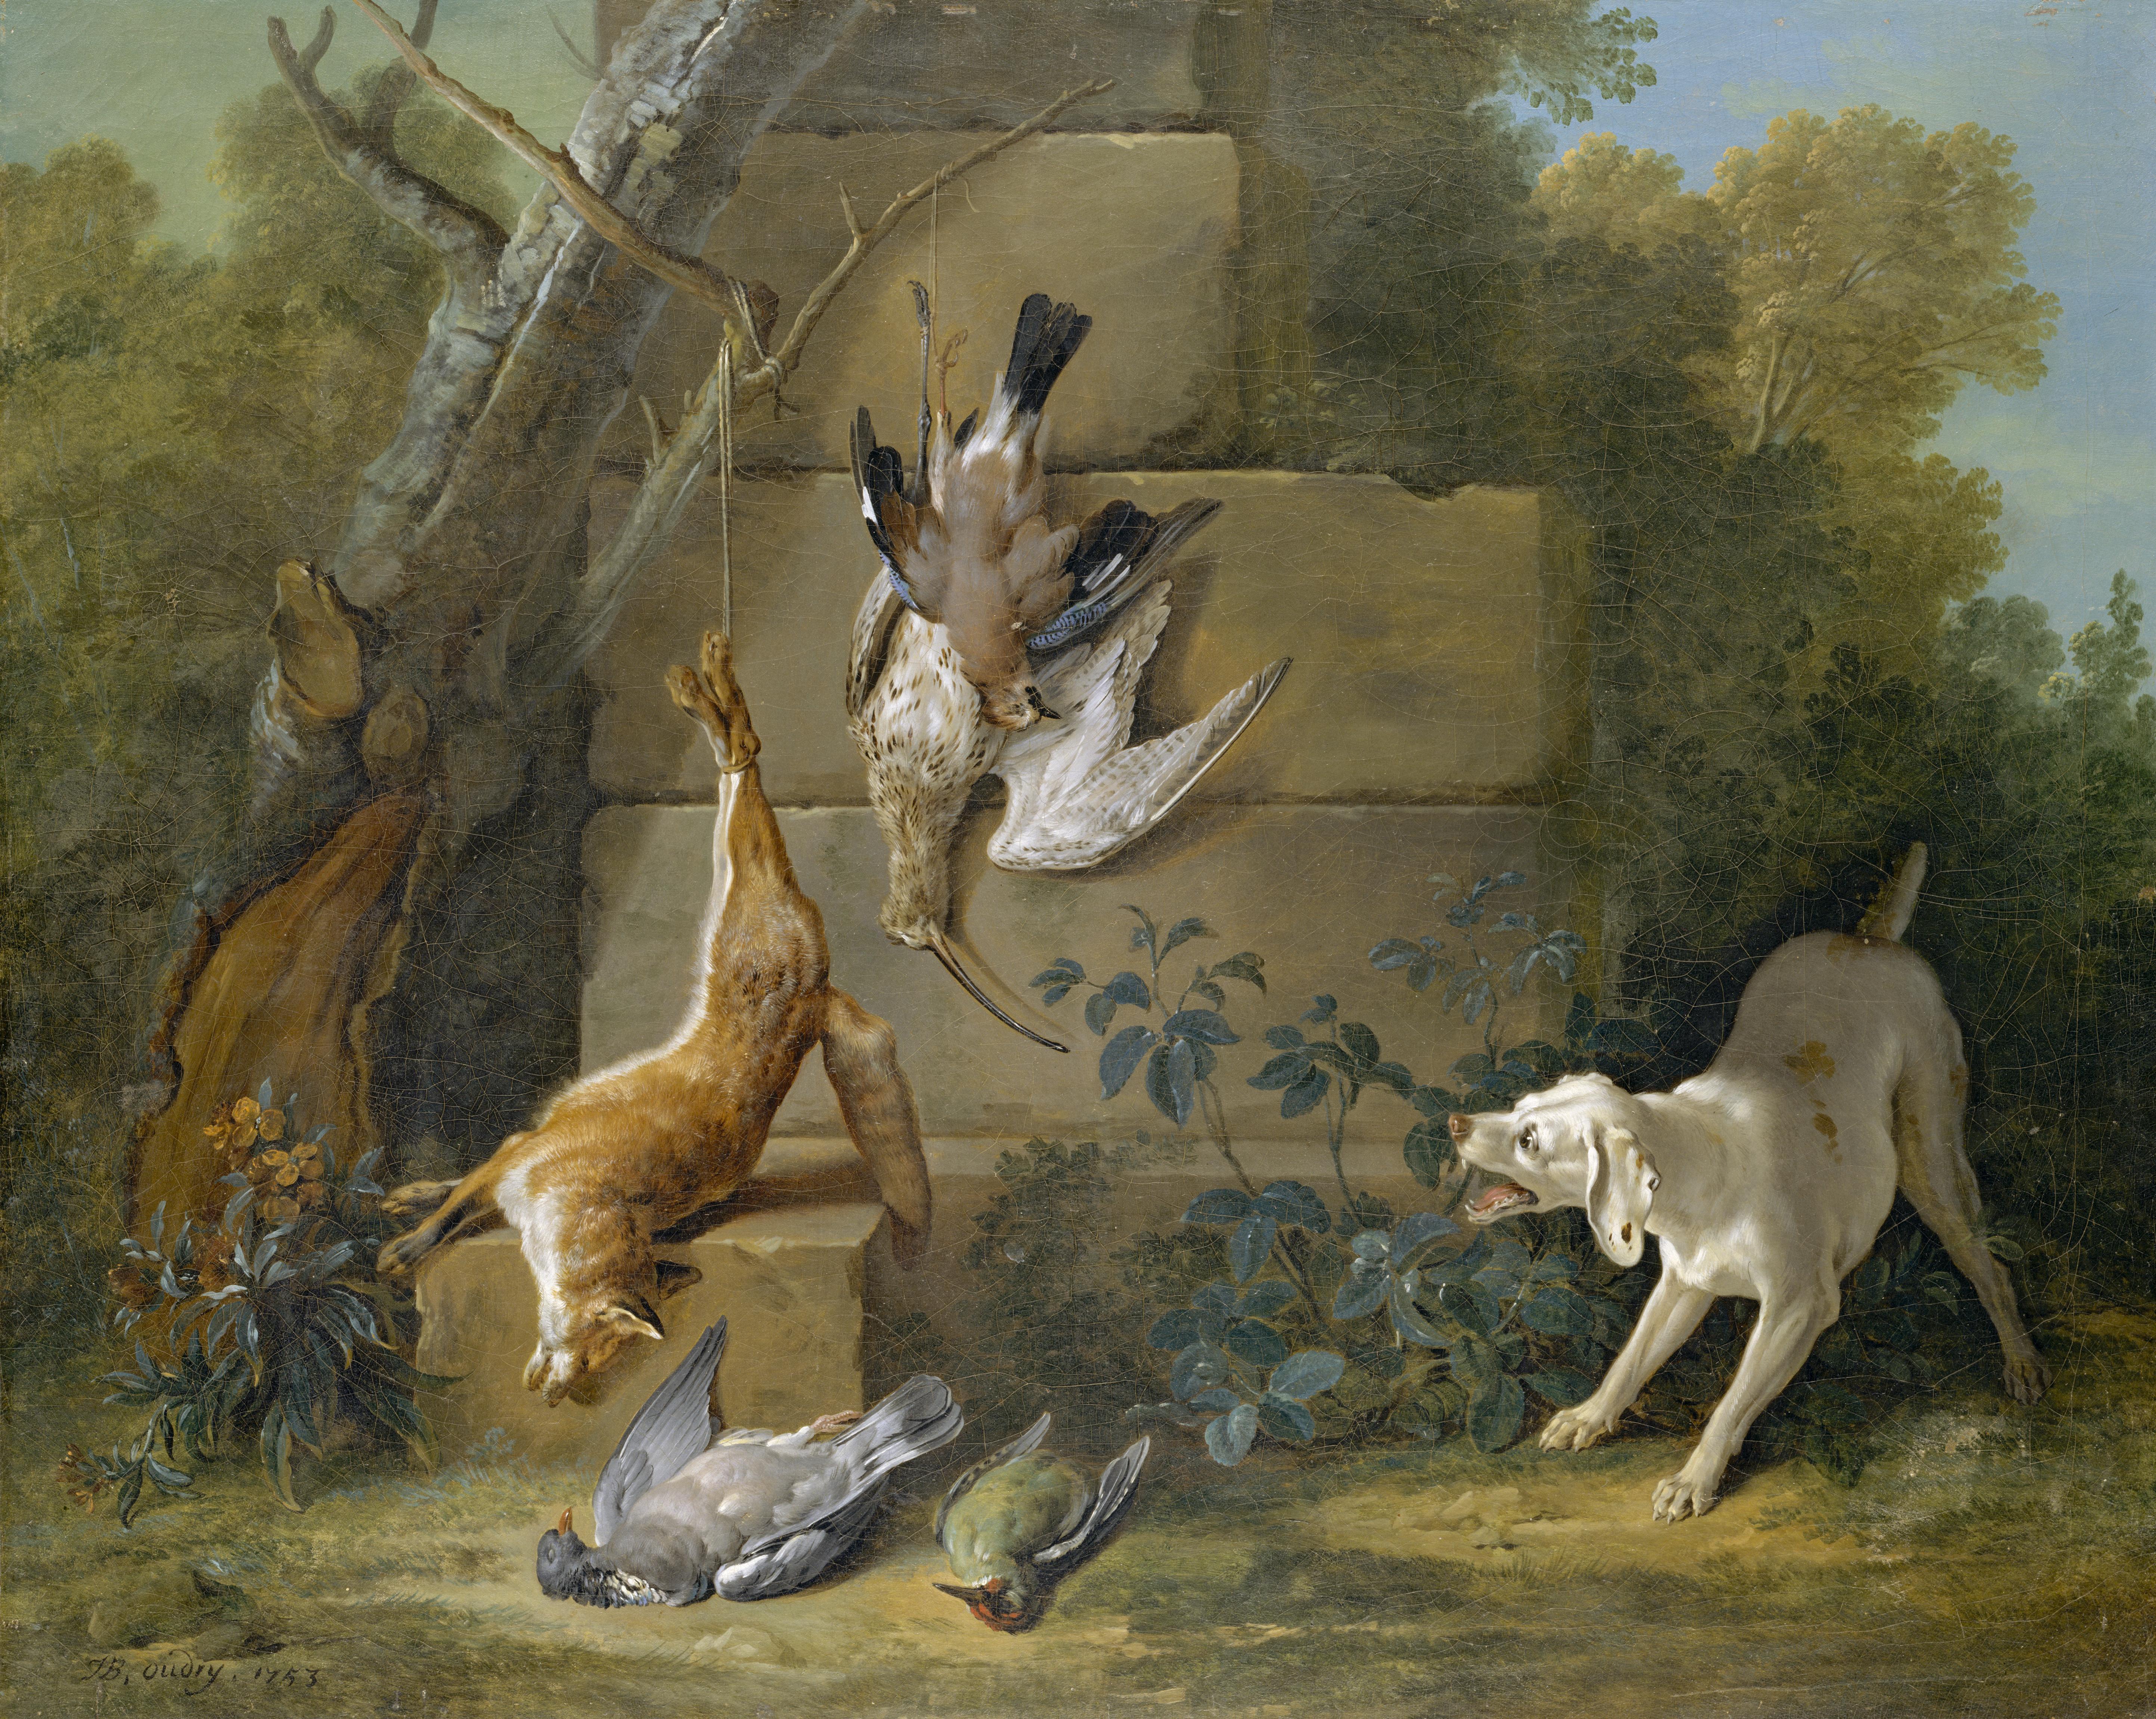 File:Jean-Baptiste Oudry - Dog Guarding Dead Game jpg - Wikimedia